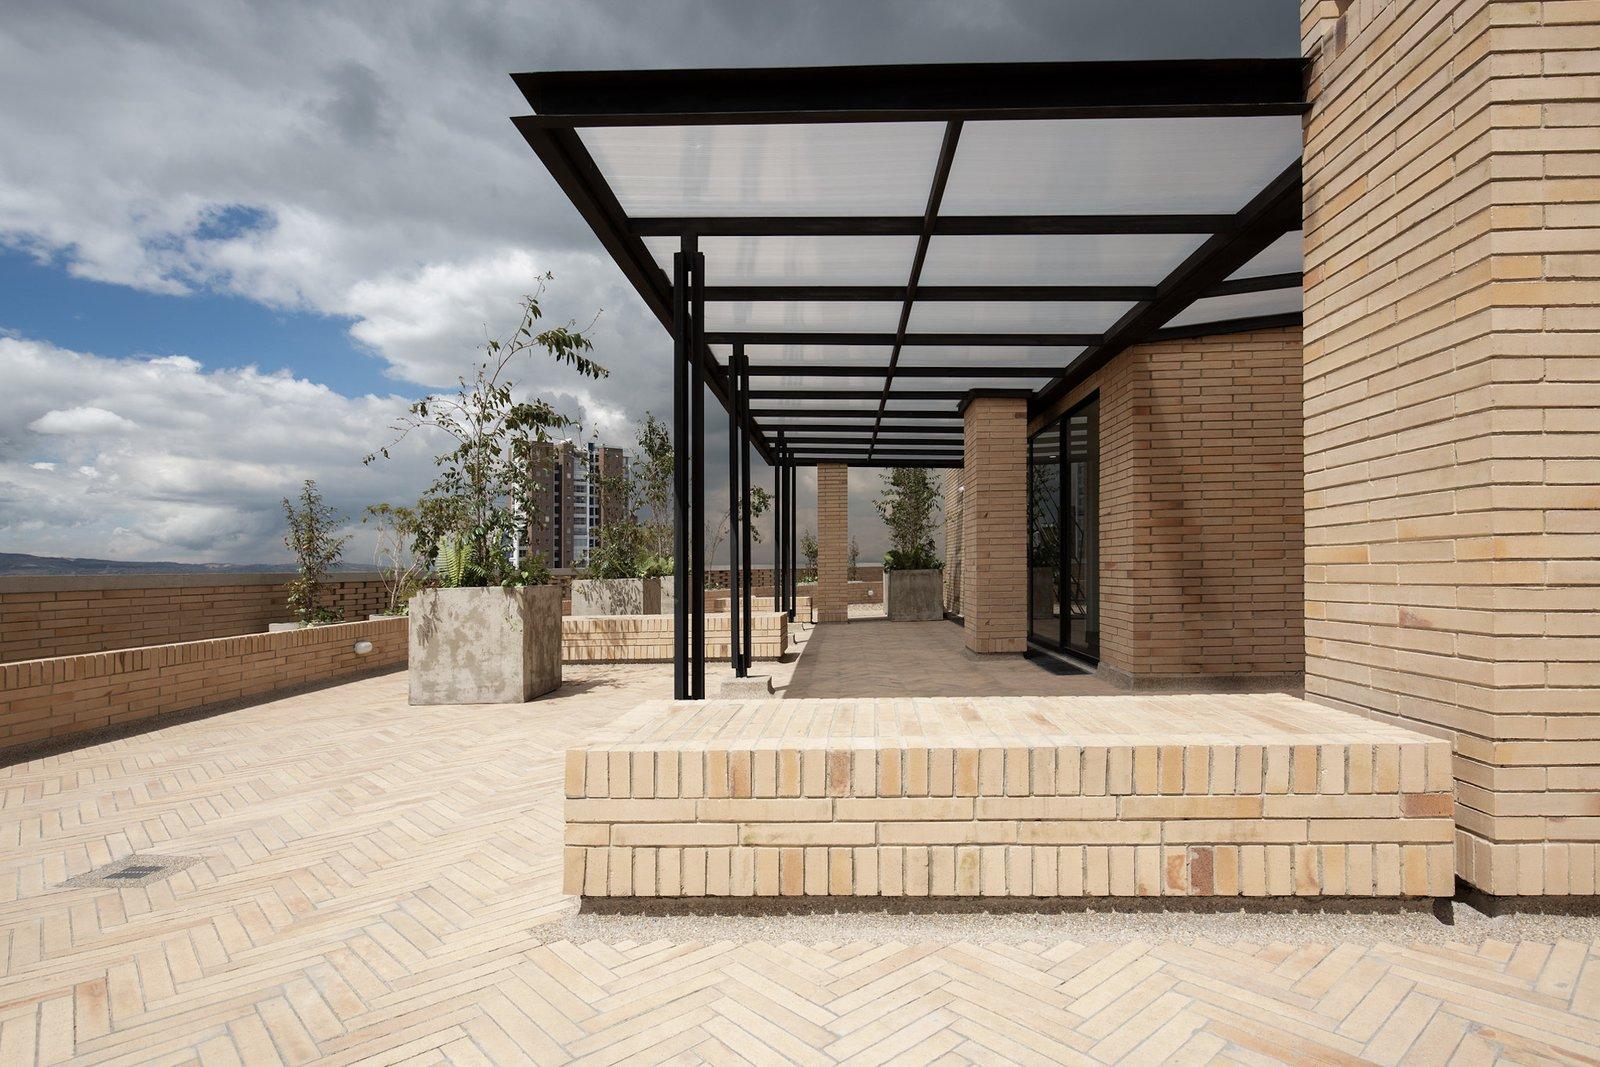 Exterior and Brick Siding Material Pergola  Tribeca